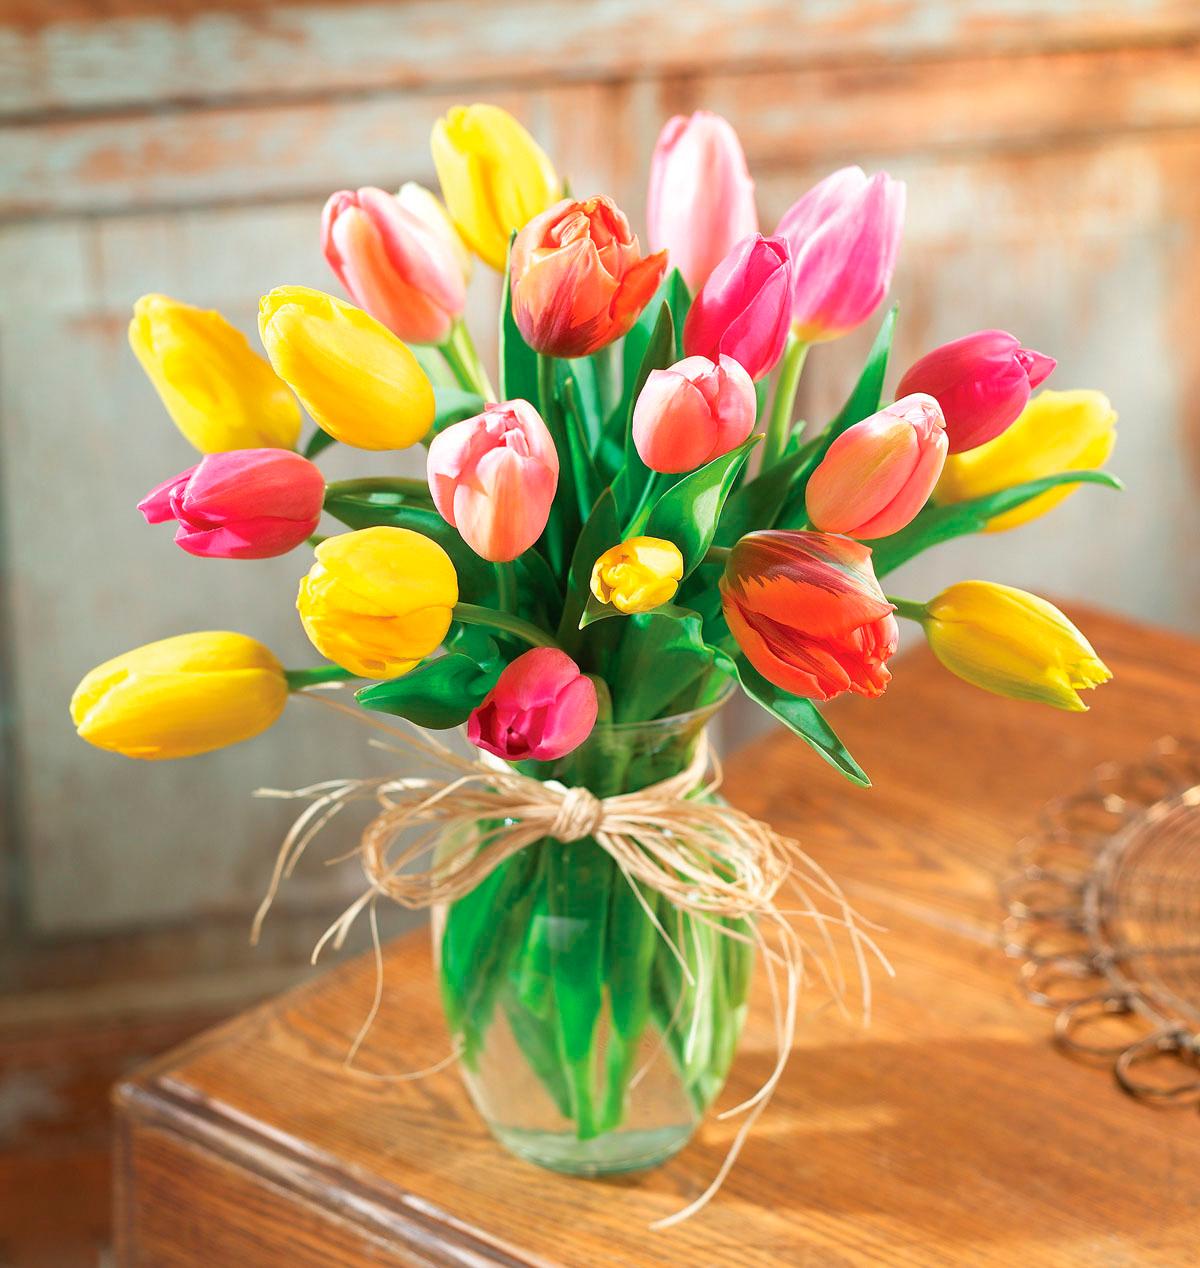 tulip-photo-180